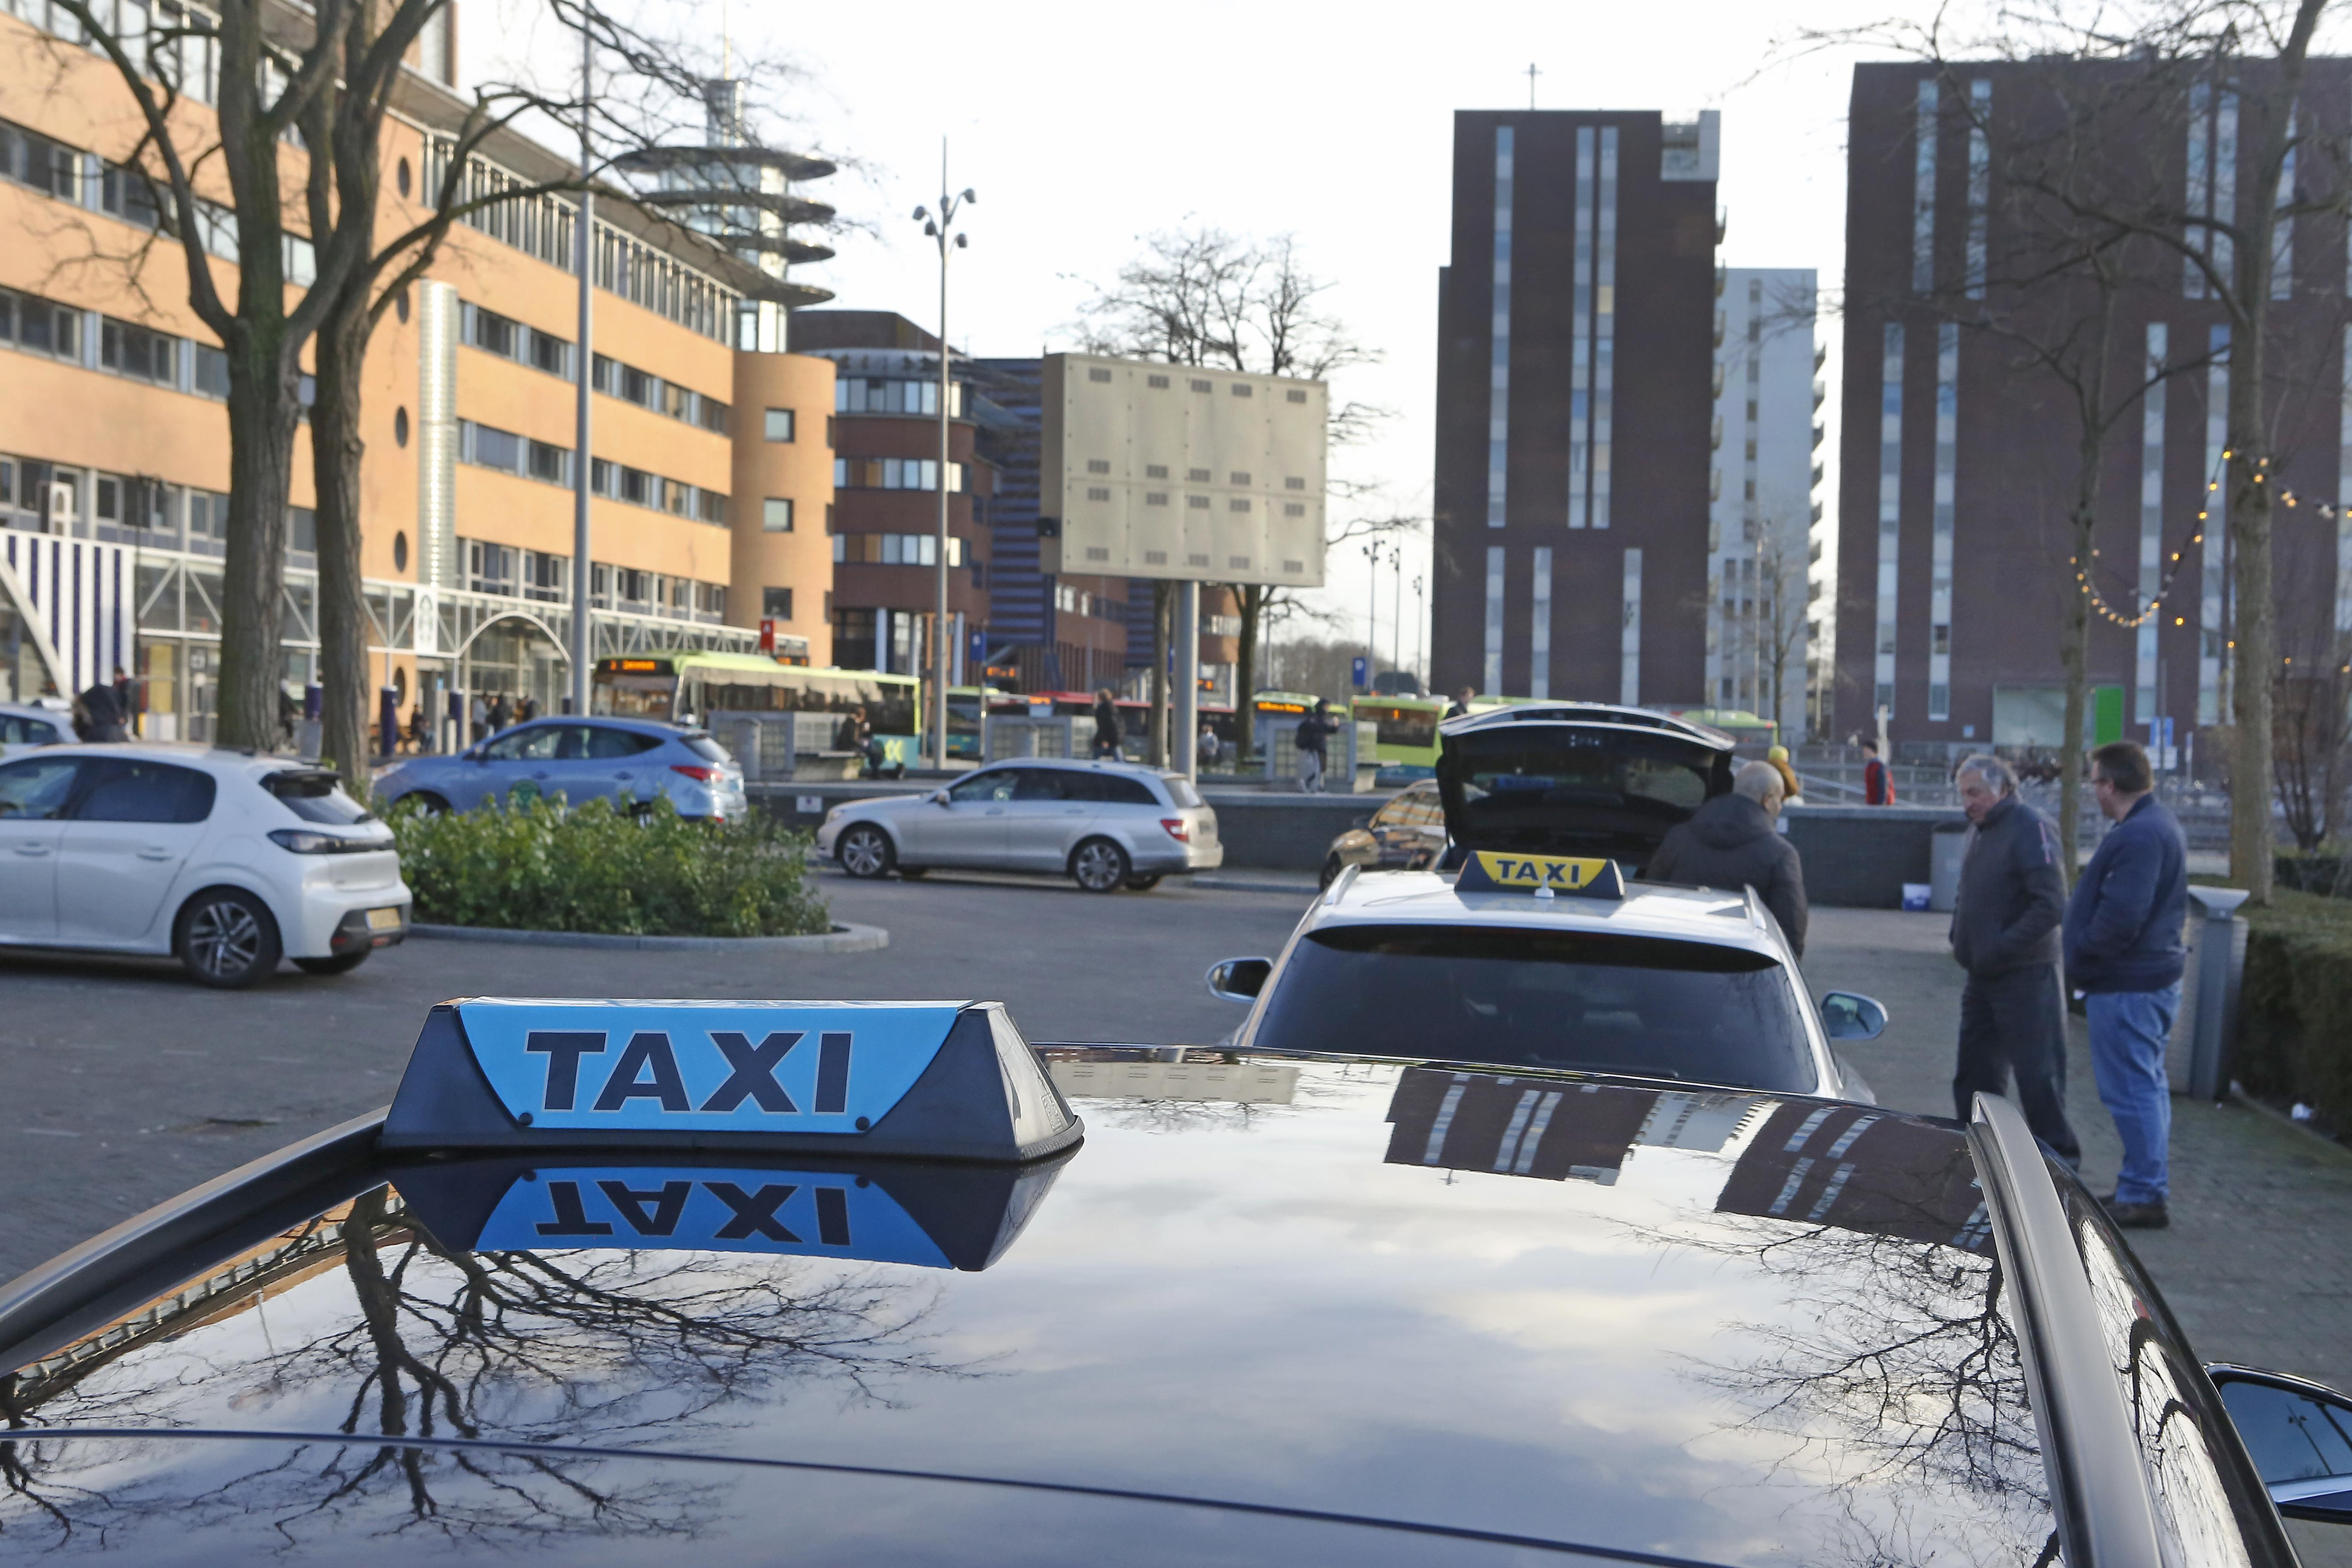 Gooise taxibedrijven maken zich niet bijzonder druk over de avondklok: 'We draaien nu al een omzetverlies van 80 procent, dan kan dit er ook nog wel bij'